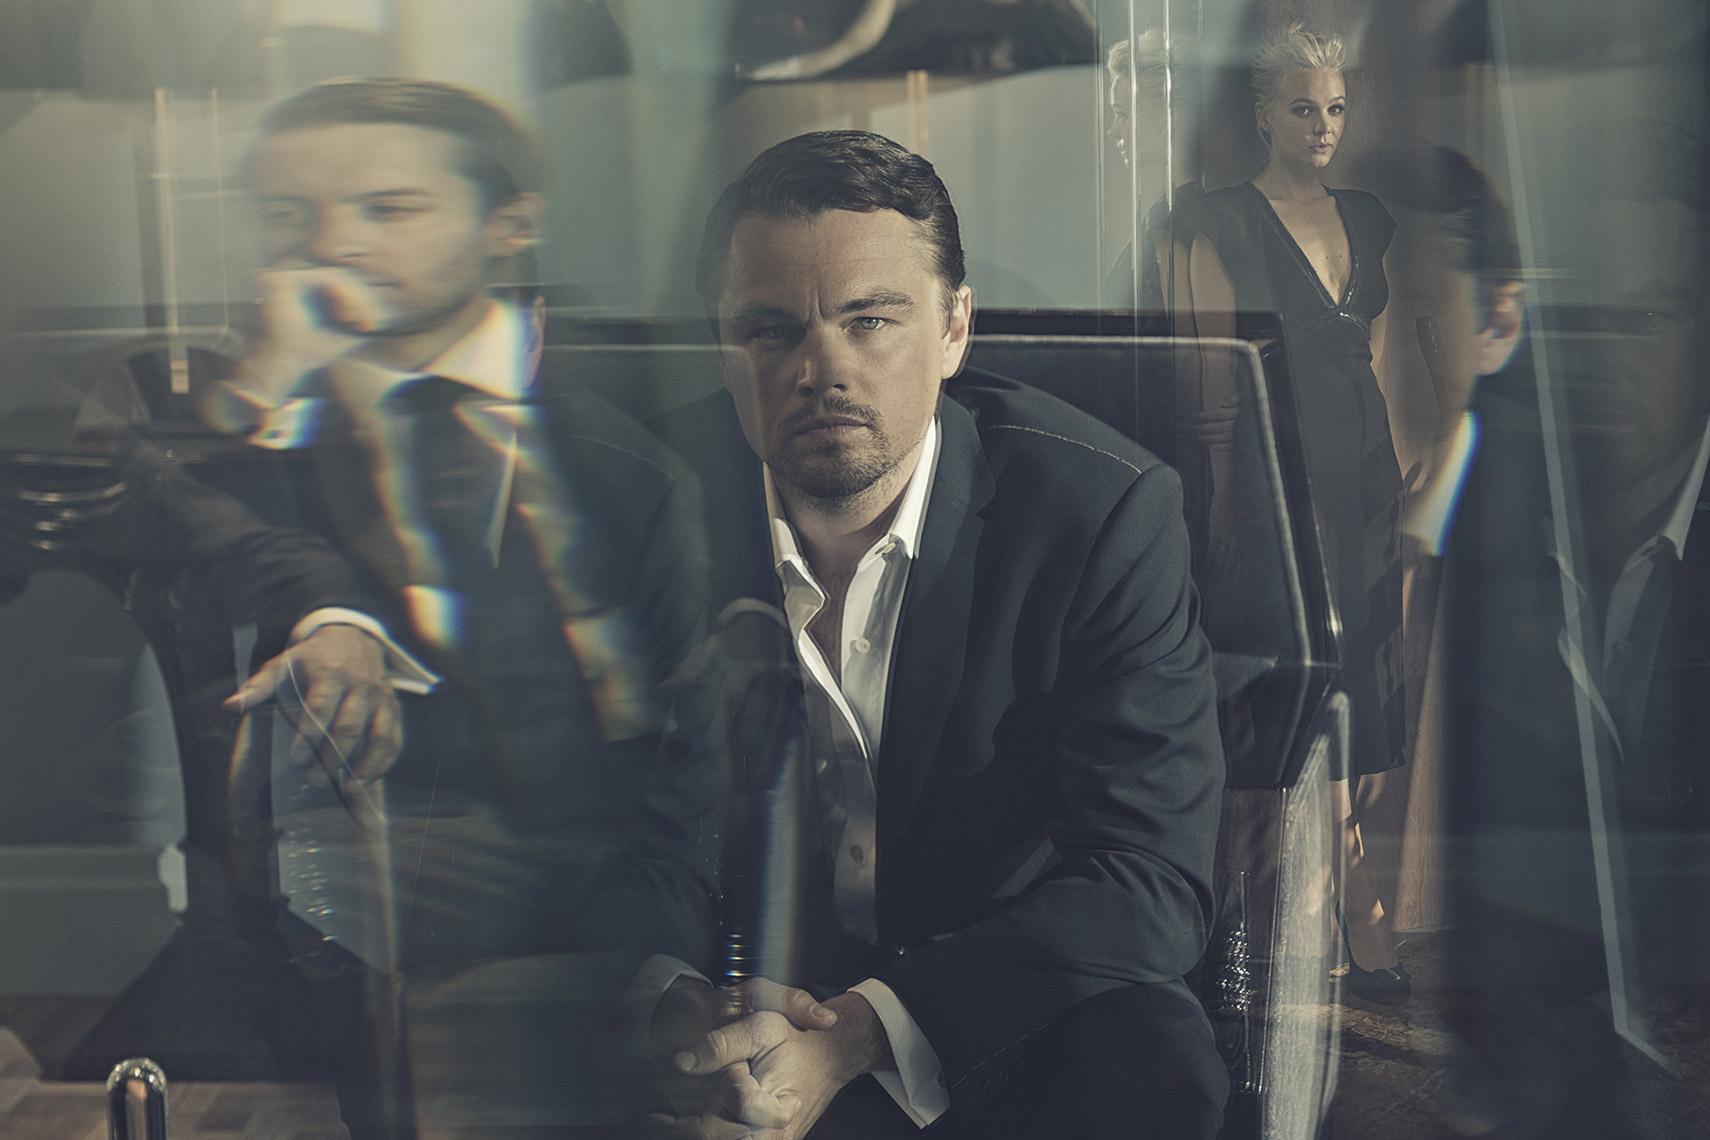 KurtIswarienko-LeonardoDiCaprio-TobeyMaguire-01135RTFclmw.jpg